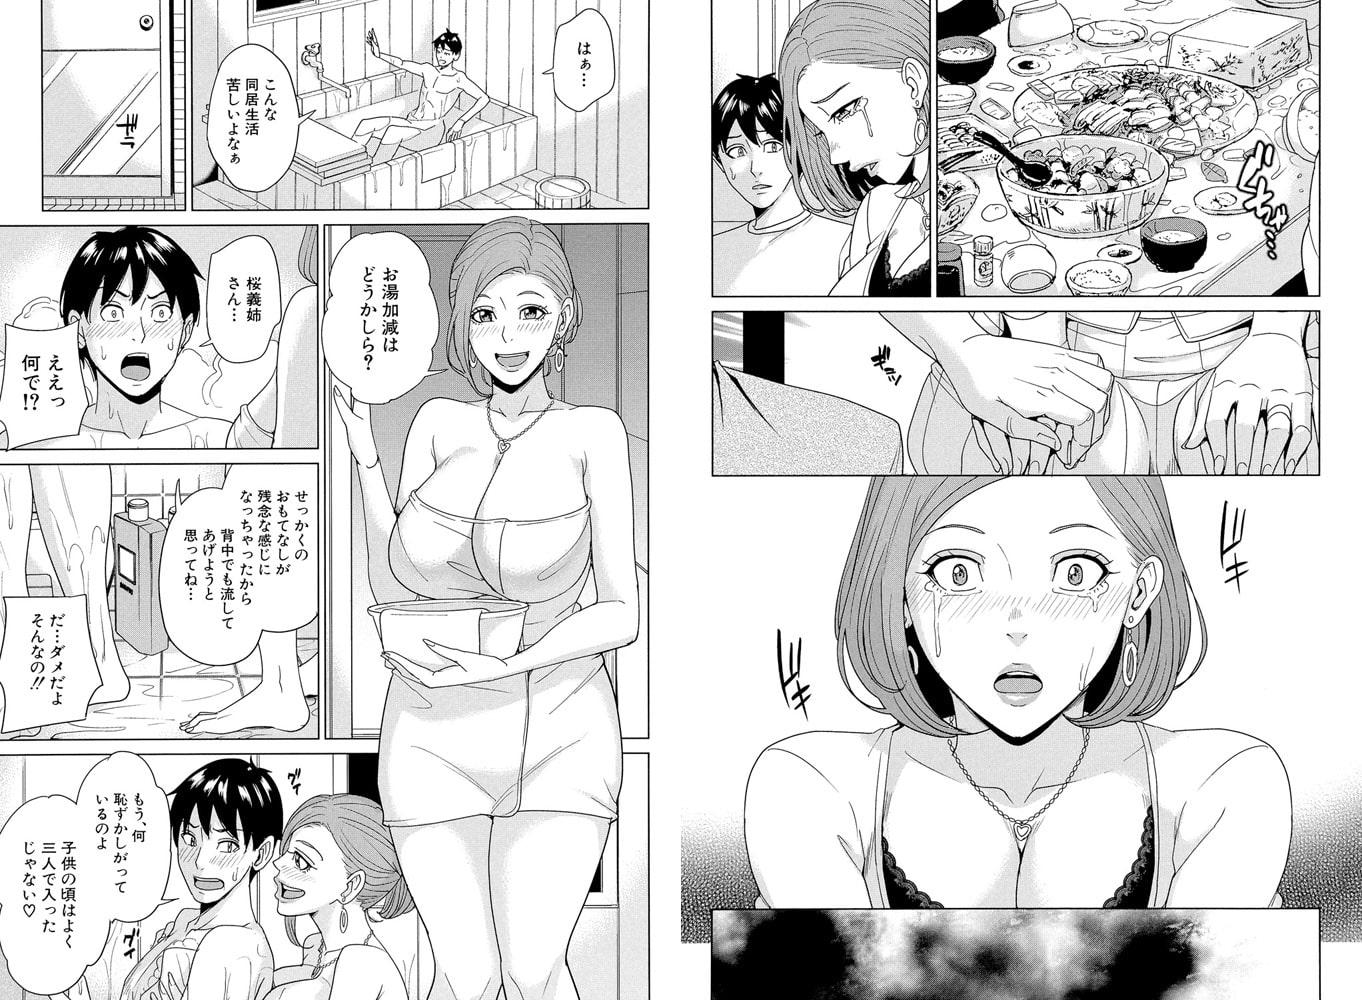 【ティーアイネット】舞六まいむ先生 2冊パック(202005)